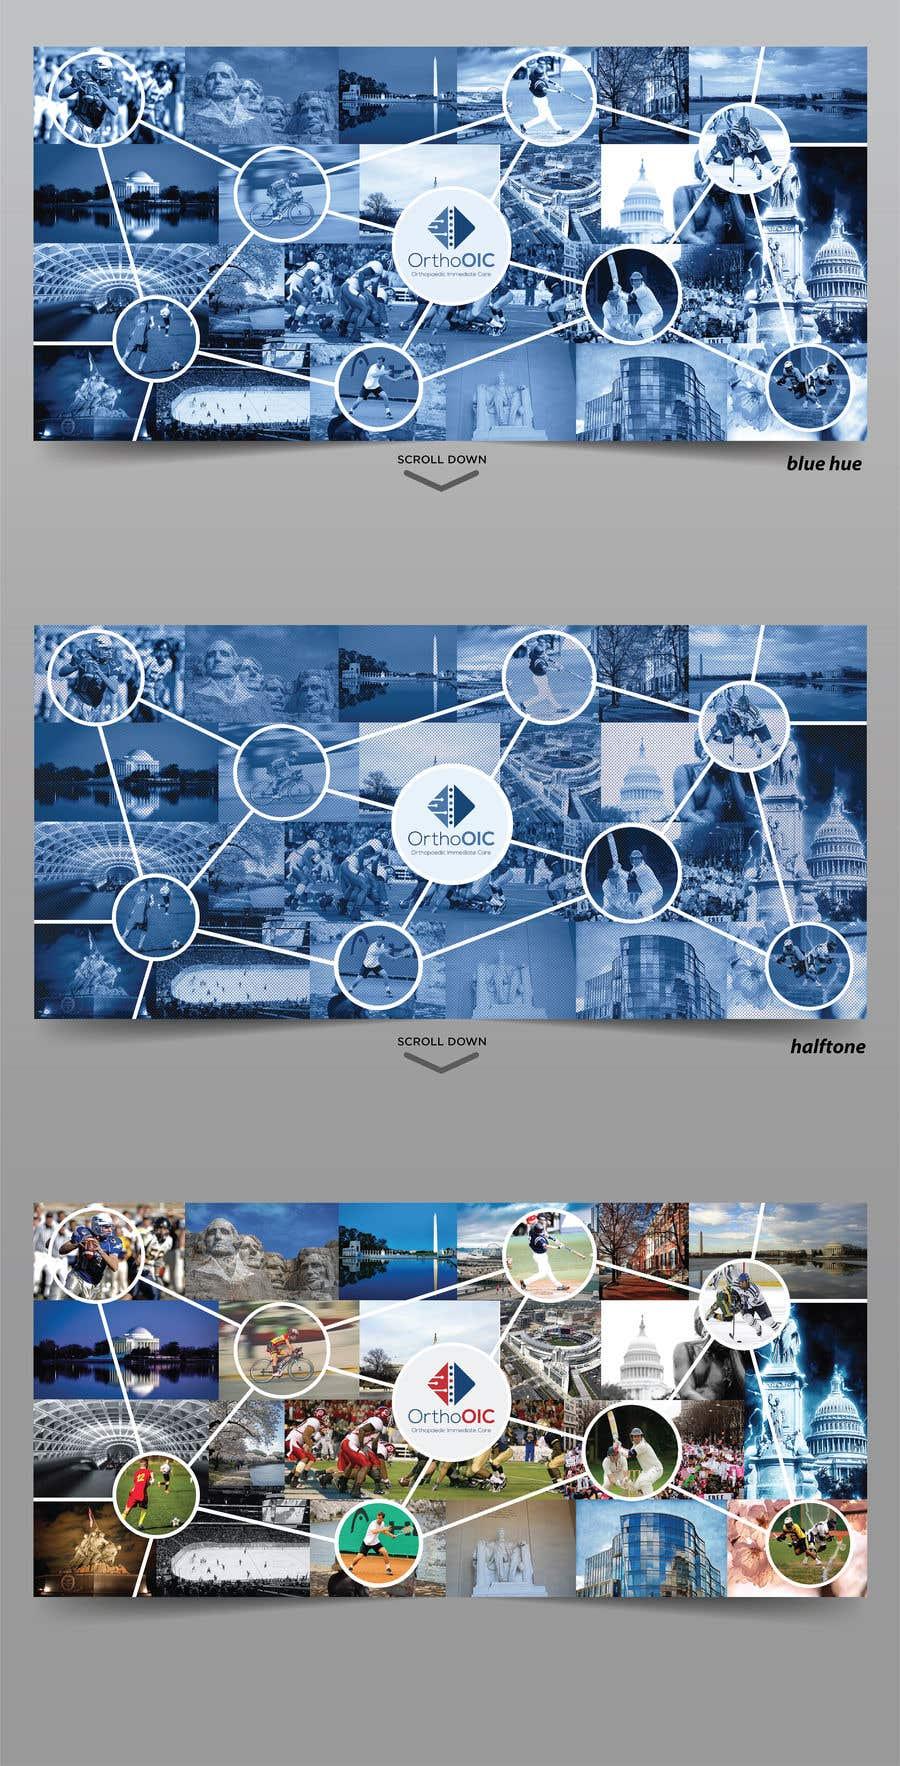 Kilpailutyö #76 kilpailussa Medical office Wall collage mural